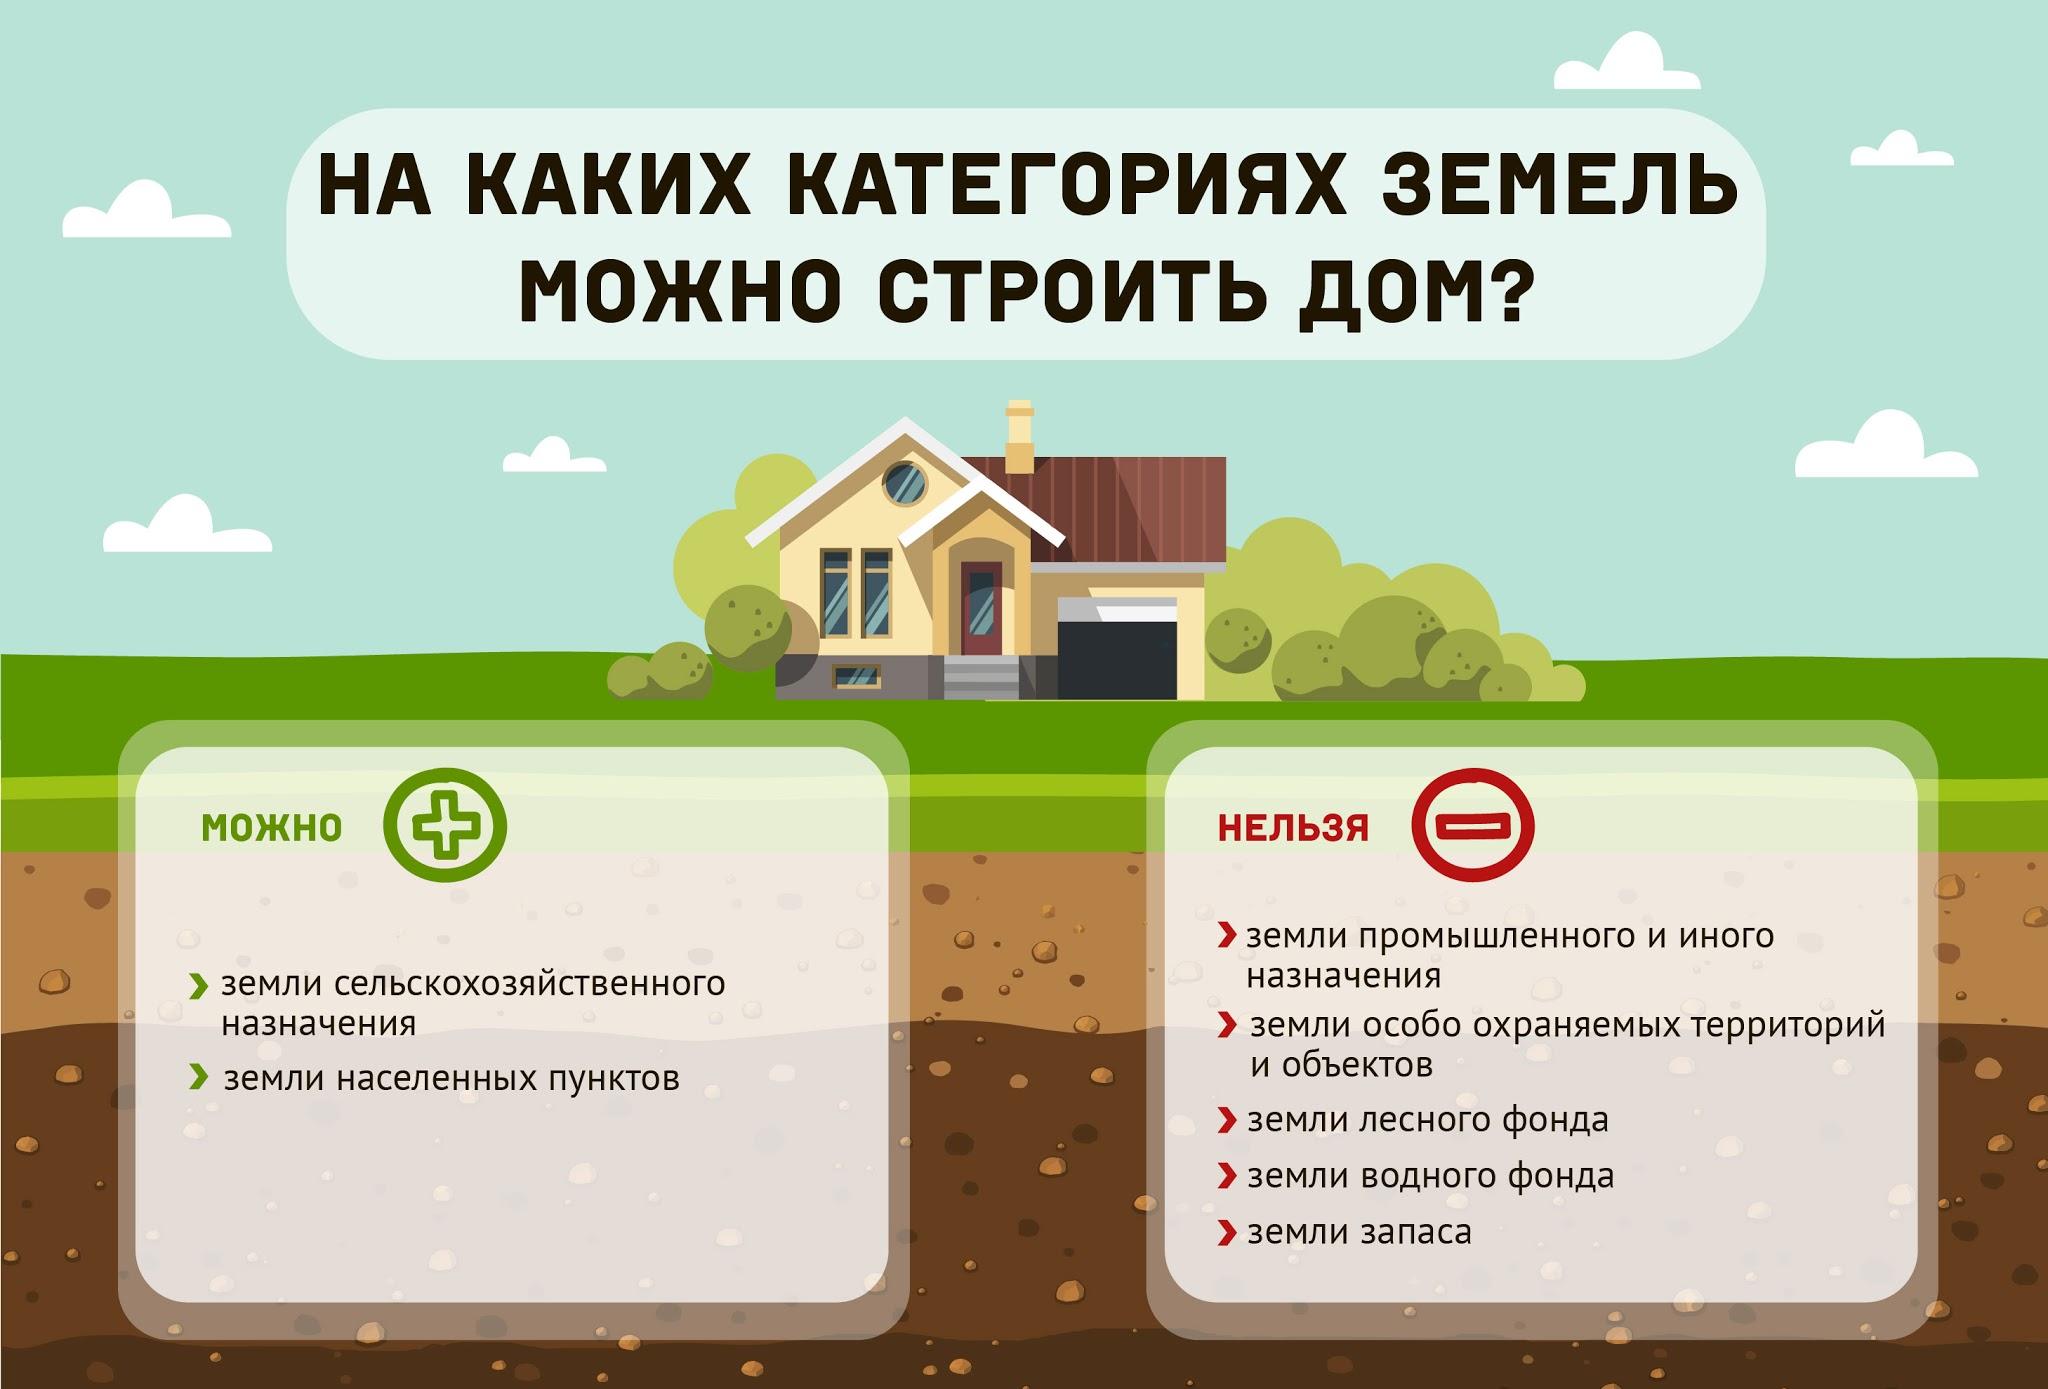 Что такое снт и днп земля, а также днт: подробно об участках населенных пунктов, сельхозназначения и ведения дачного хозяйства